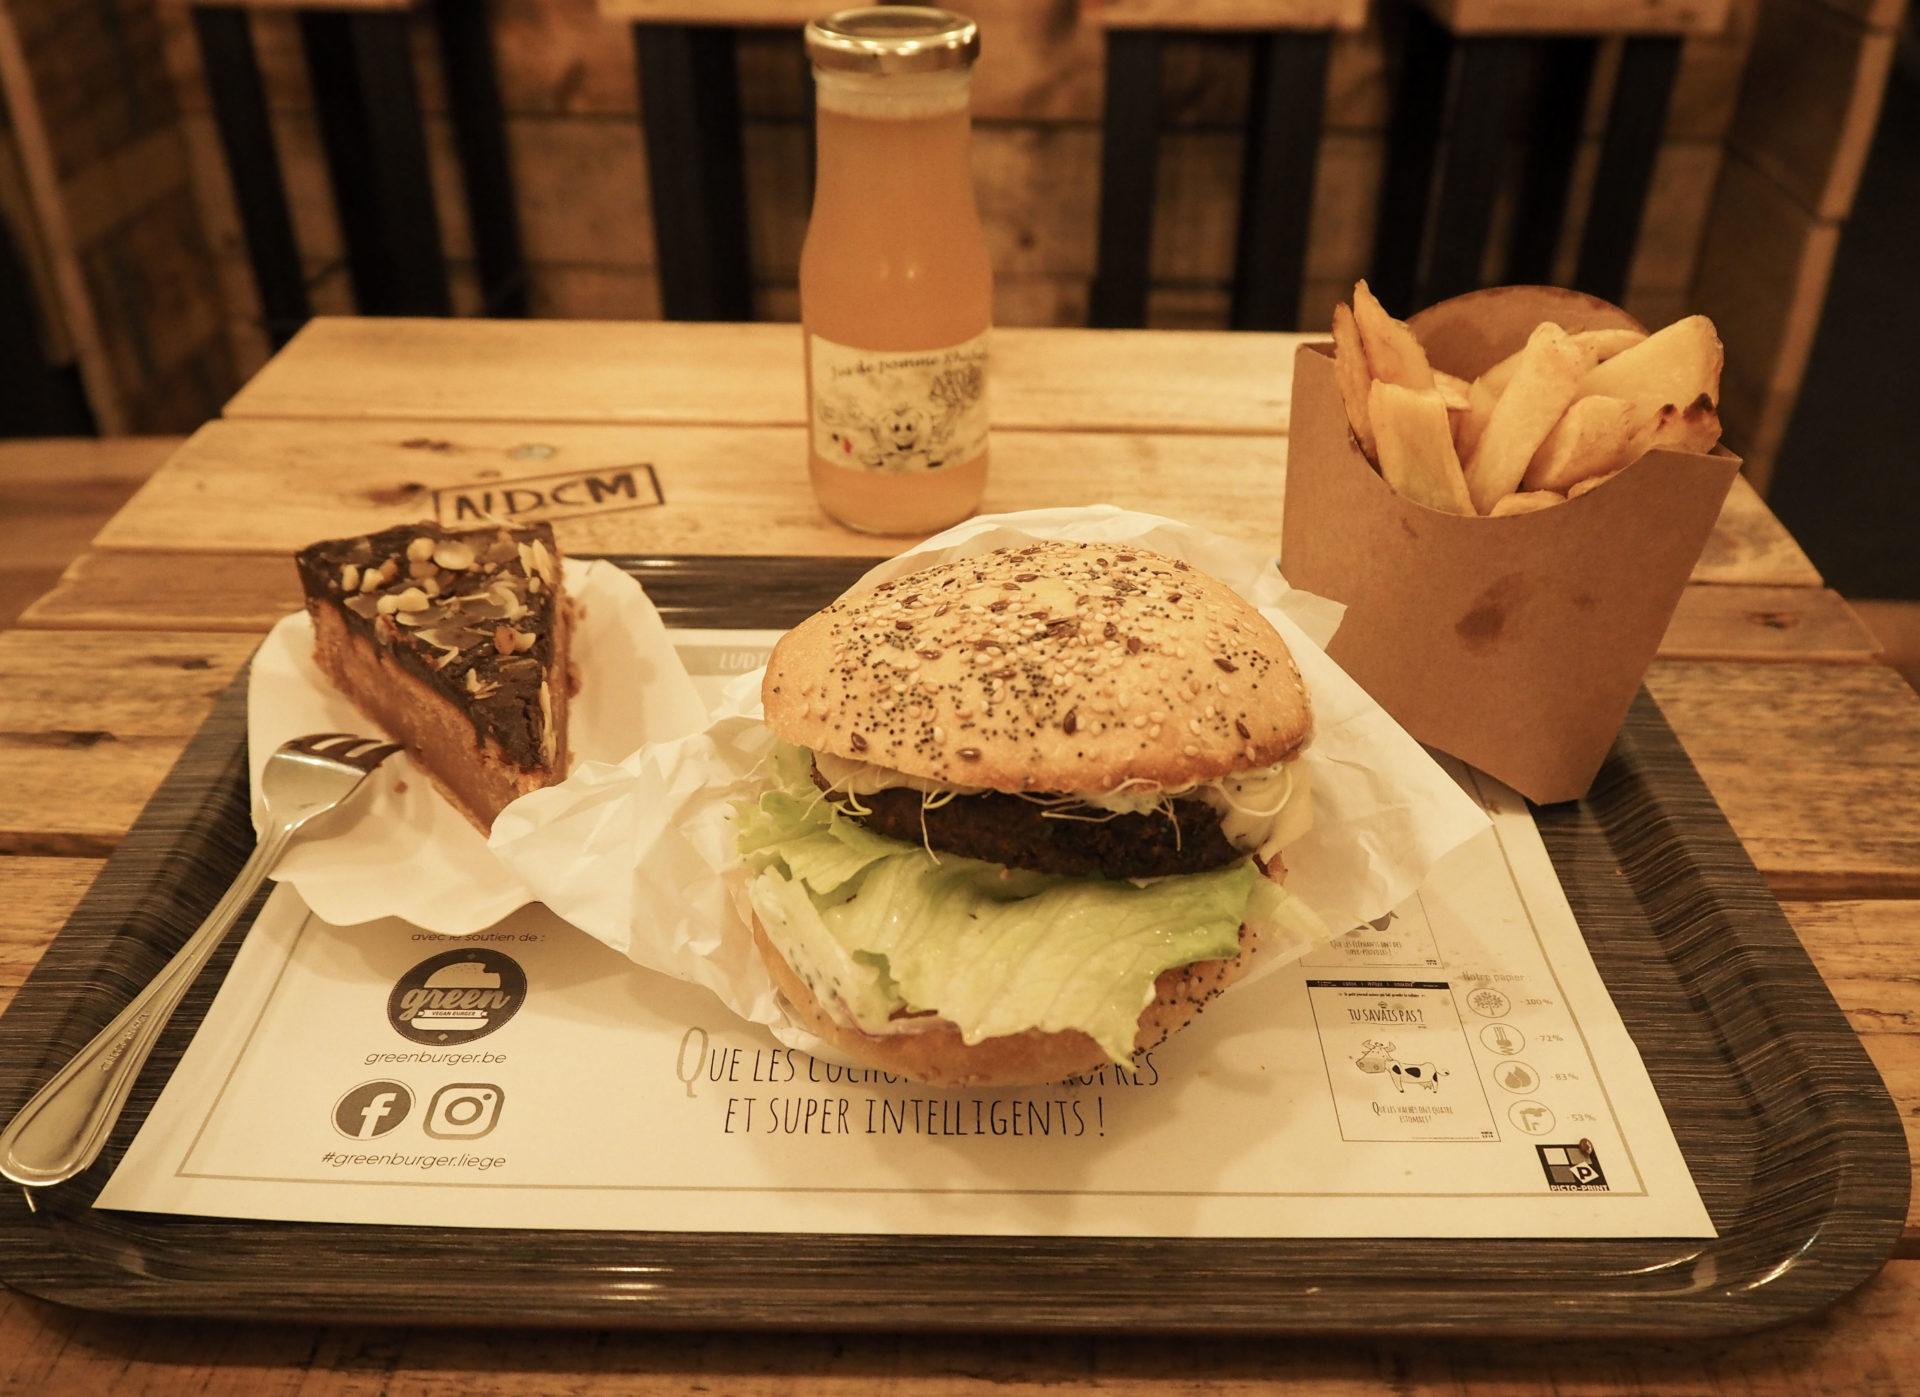 Green Burgers à Liège - Visiter Liège en Belgique en mode slow - Que faire et que visiter à Liège? - Adresses slow et gourmandes à Liège - Informations pratiques pour visiter Liège et en tomber amoureuse en quelques instants!